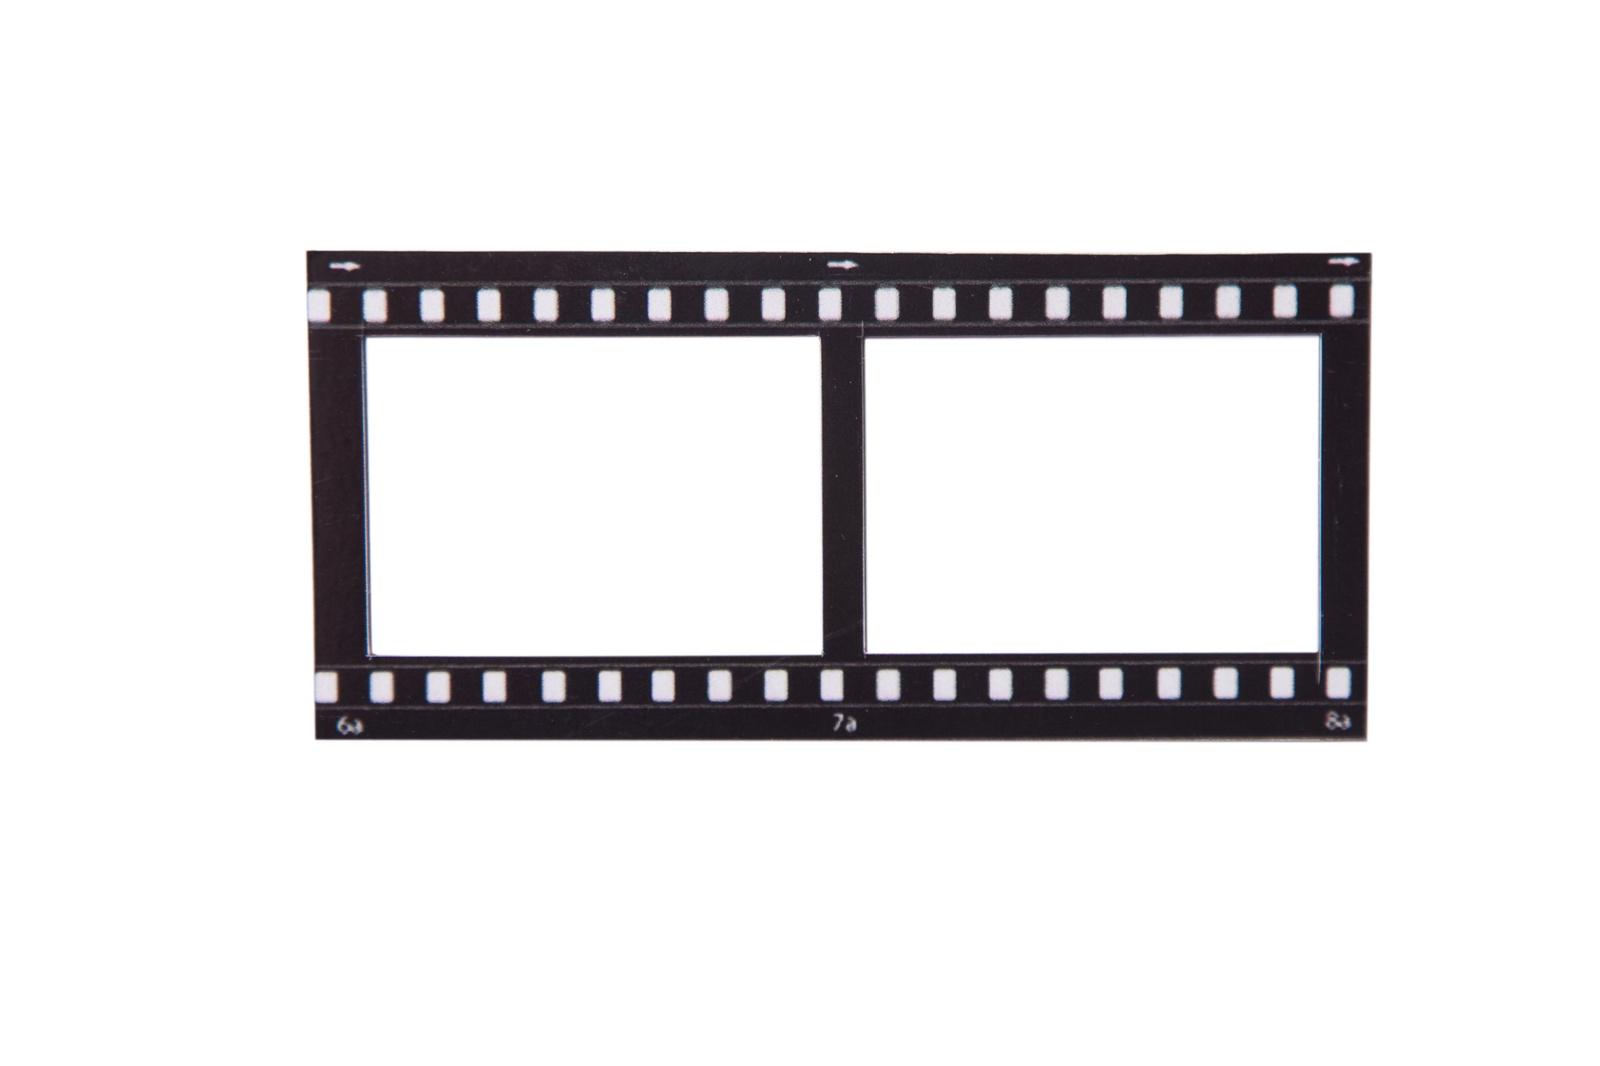 цена на Магнит Простые Предметы фоторамка Фотопленка 2 кадра.